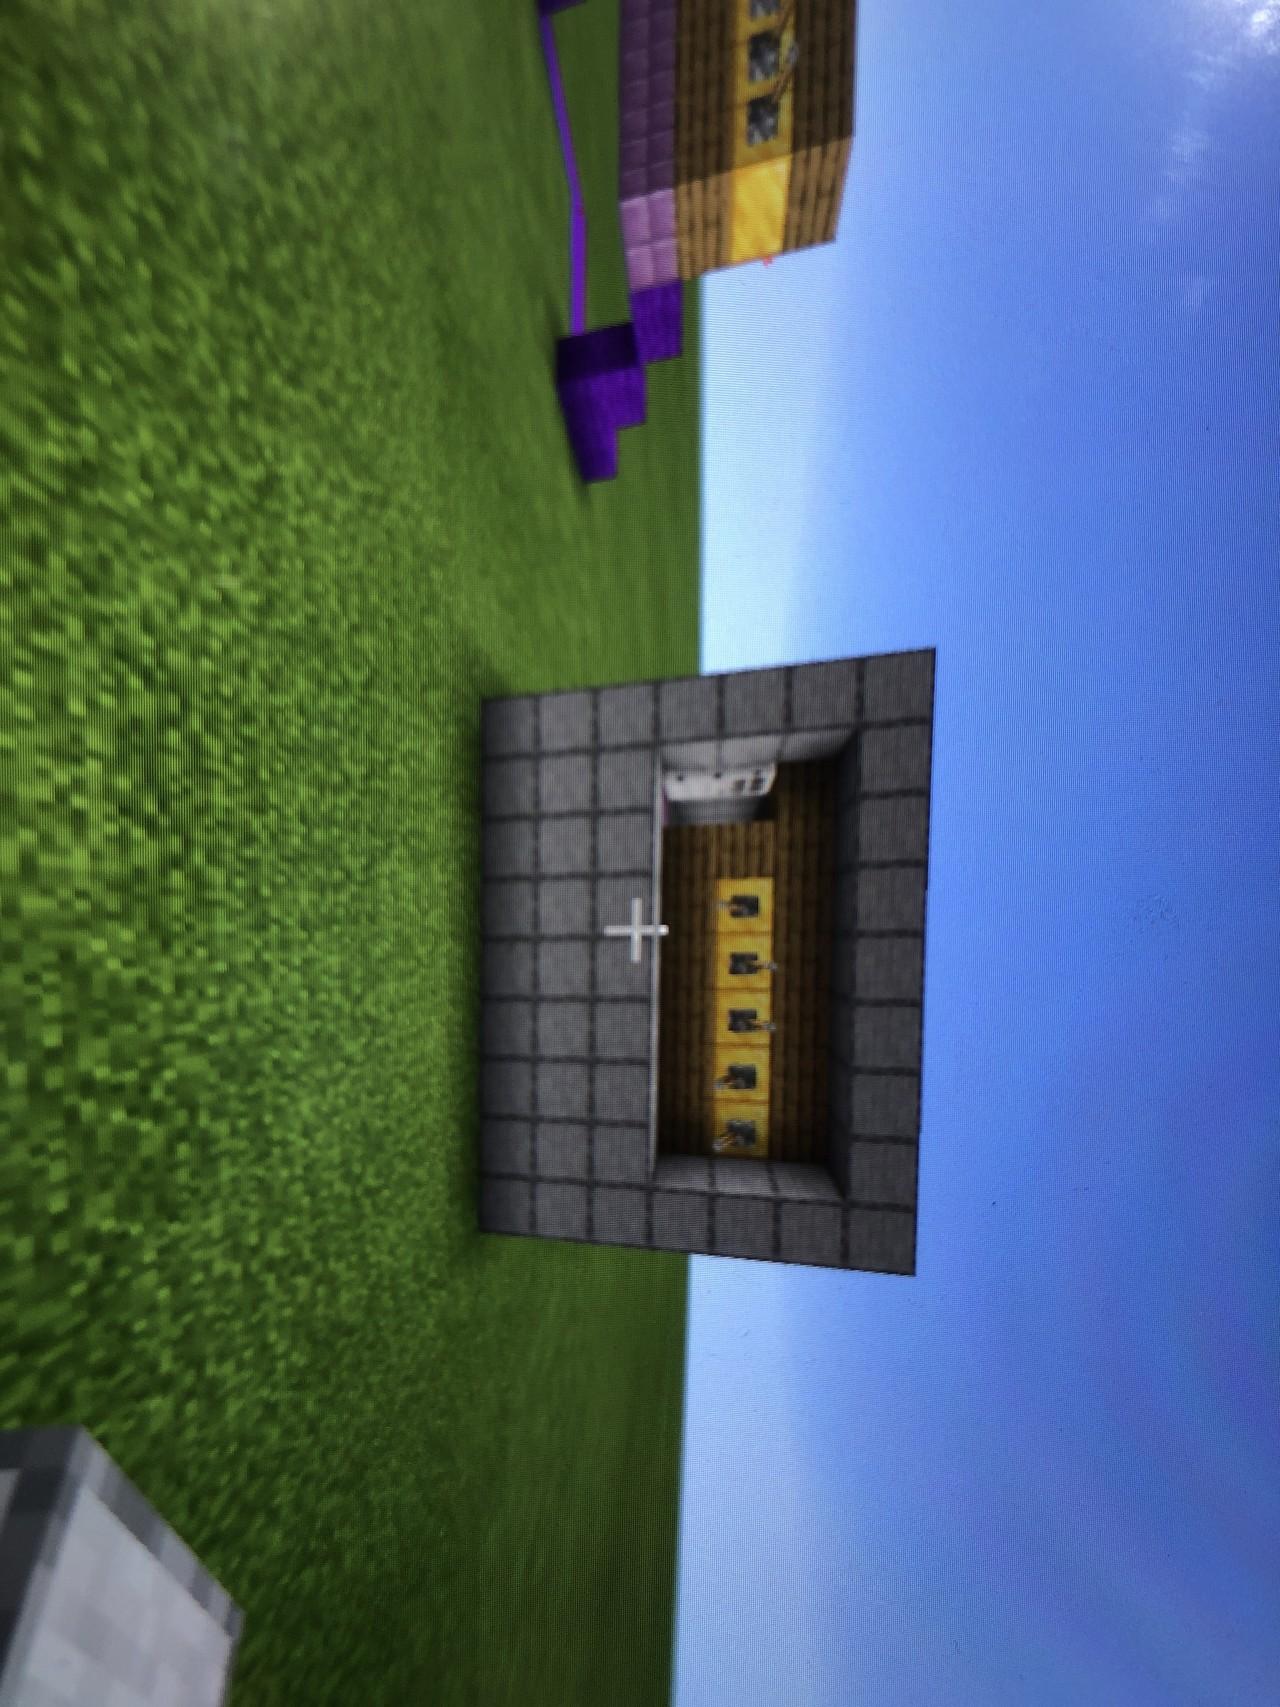 マイクラ 鍵 付き ドア 【マイクラ】金床の名付け機能を使った鍵付きドアの作り方